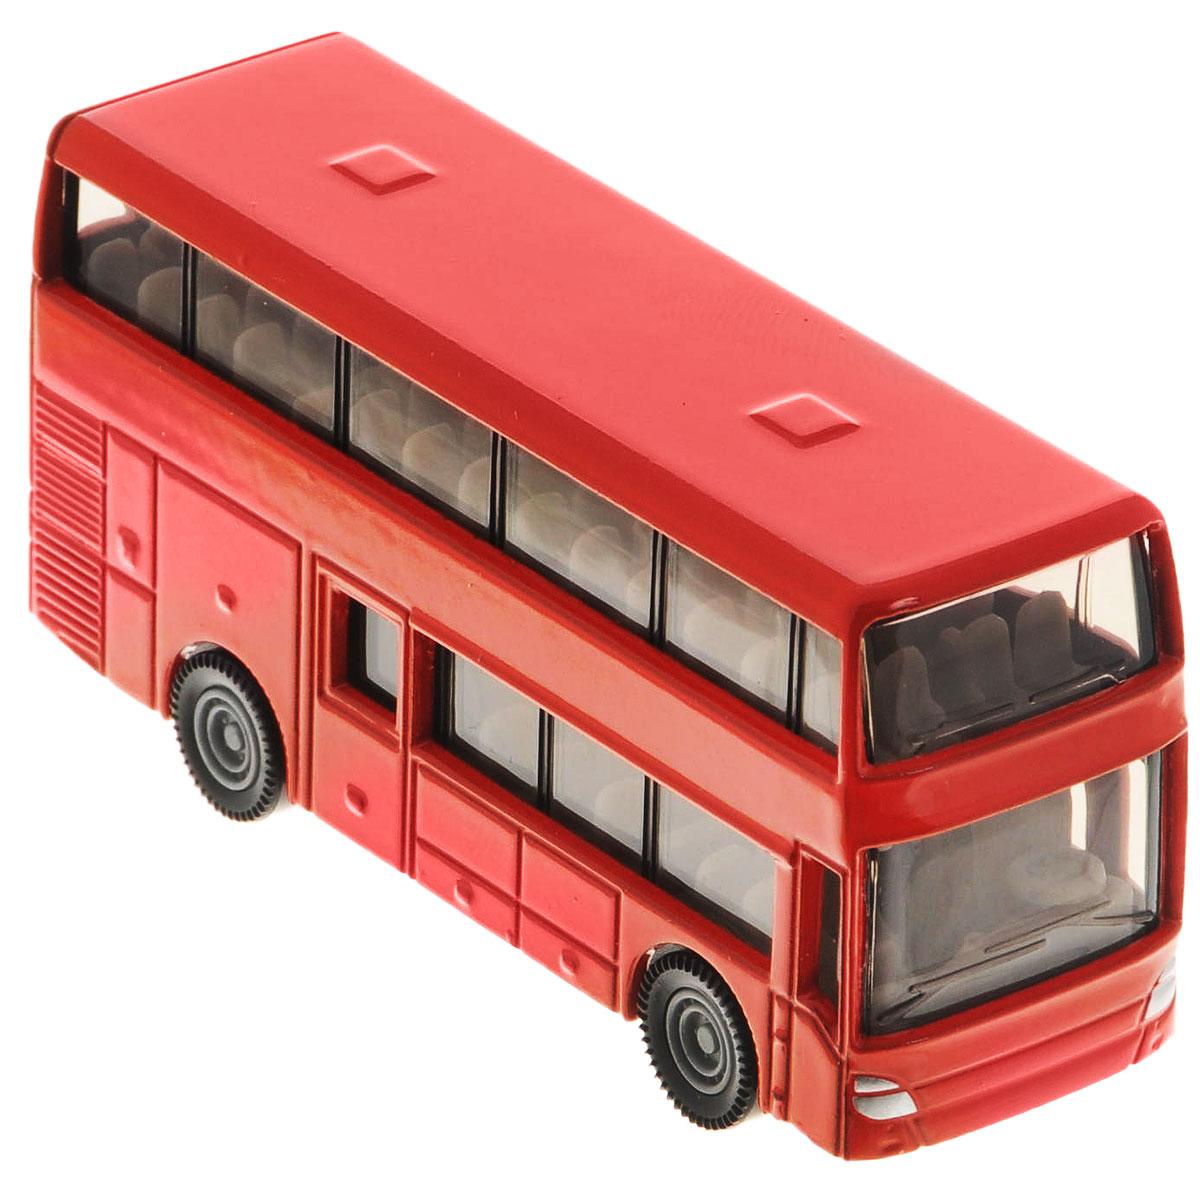 Siku Двухэтажный автобус1321Двухэтажный автобус от Siku станет замечательным подарком для автолюбителей всех возрастов. Модель представляет собой реалистичную копию двухэтажного автобуса и отличается высокой степенью детализации. Корпус модели выполнен из металла, детали изготовлены из ударопрочной пластмассы. Салон автобуса также тщательно проработан, внутри есть водительское сиденье с рулем и места для пассажиров. Автобус можно катать благодаря подвижным колесам. Ваш ребенок часами будет играть с такой игрушкой, придумывая различные истории.